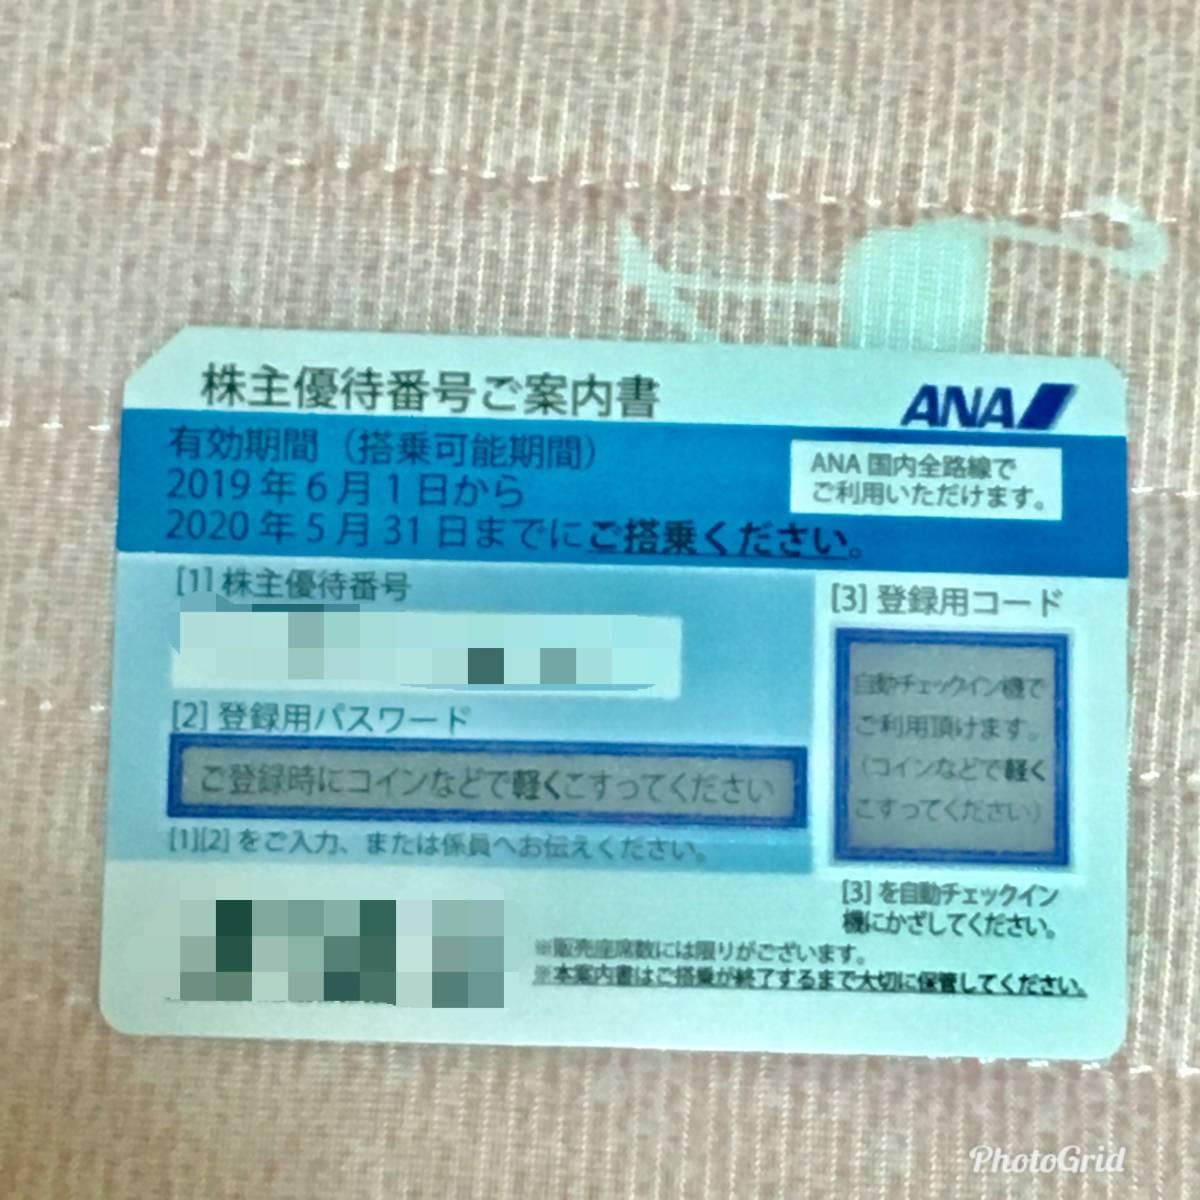 ANA 株主優待券1枚・ANA グループ優待券1冊_画像2